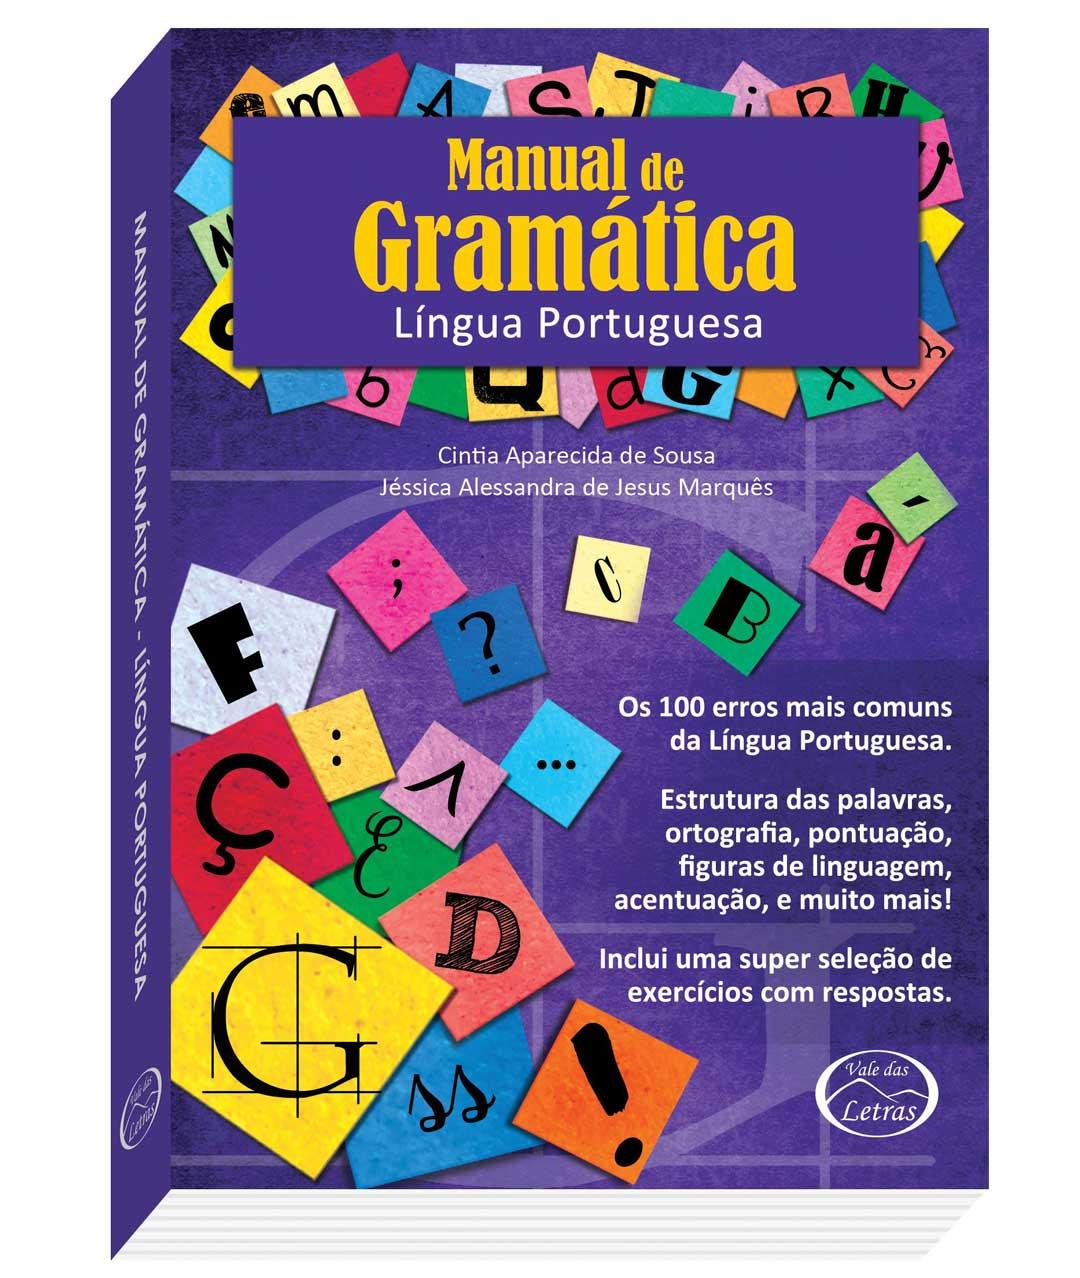 Manual de Gramática da Língua Portuguesa